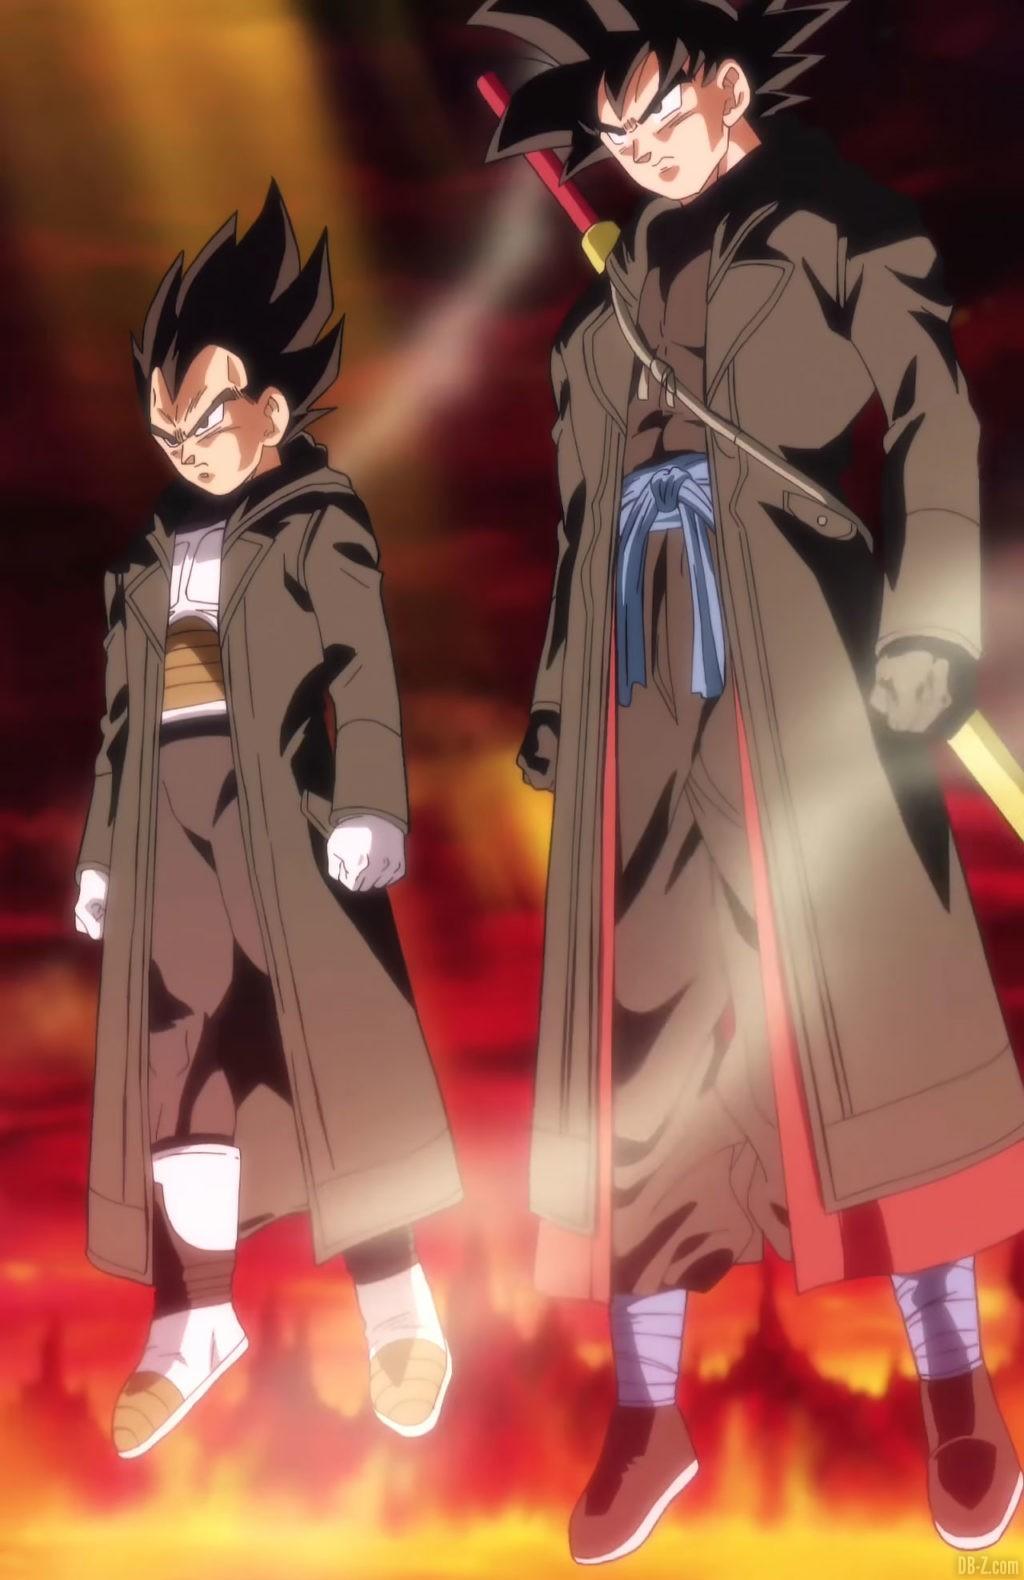 Goku Xeno et Vegeta Xeno